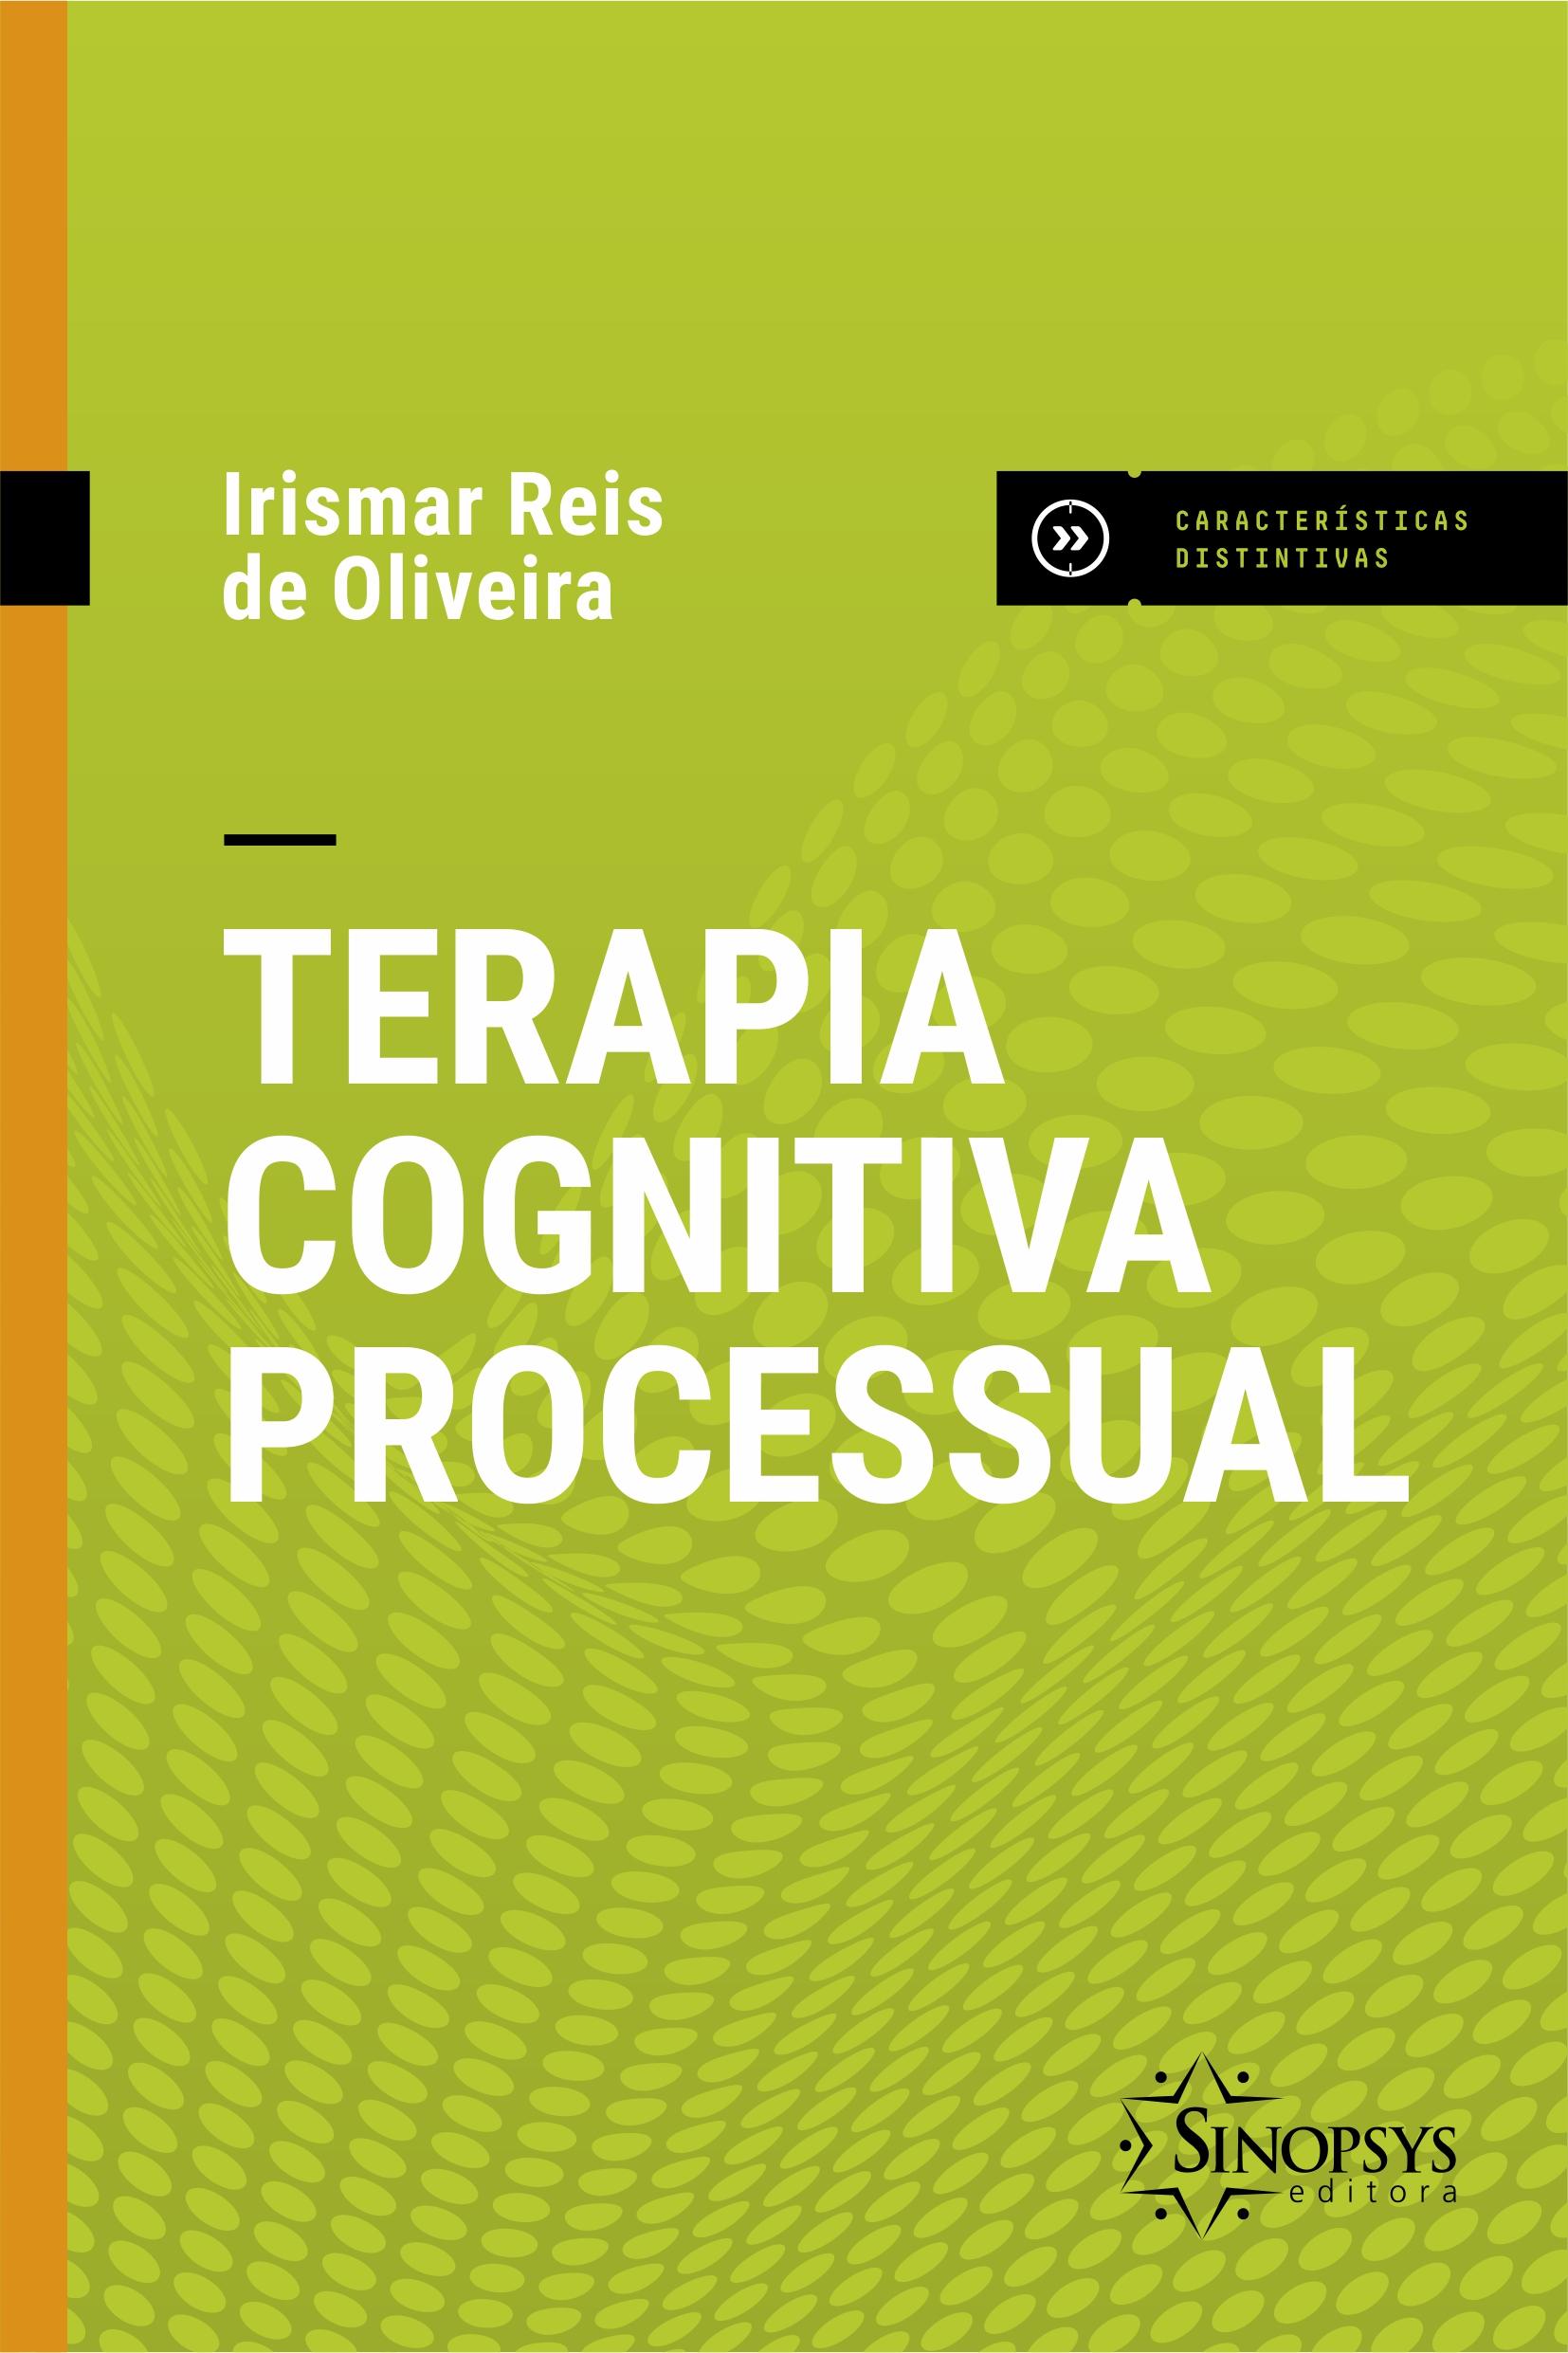 Terapia Cognitiva Processual (2020)